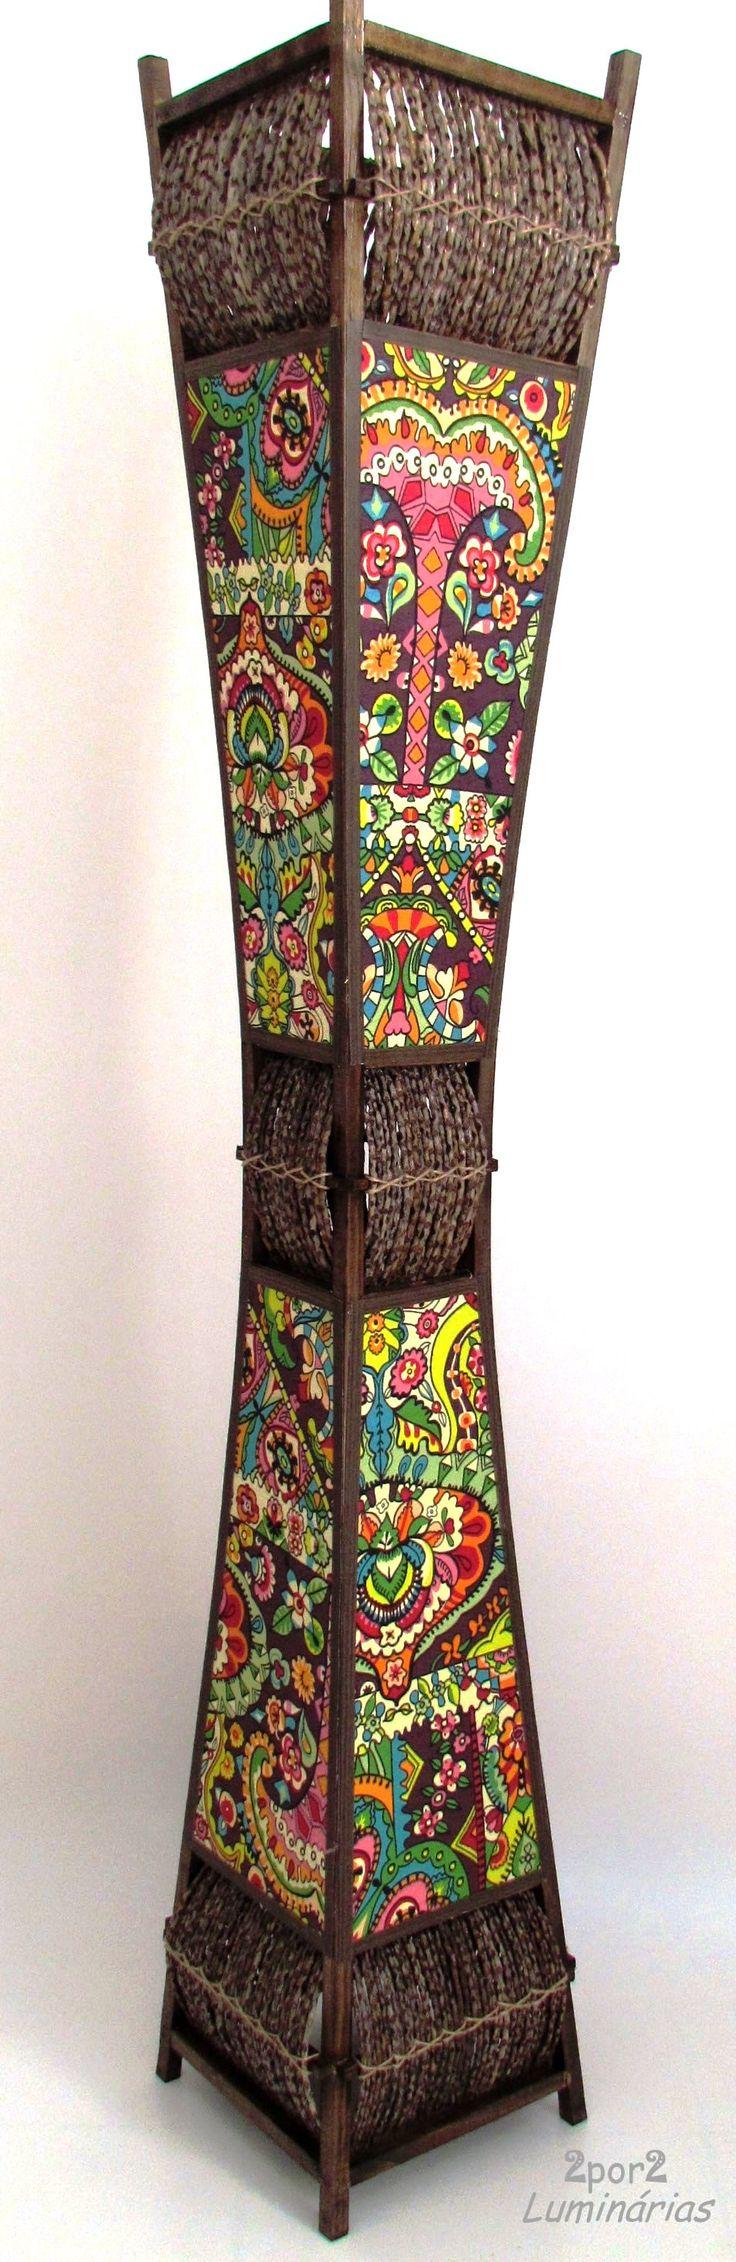 Inspirada nos tecidos indianos, luminária coluna com 1,5mt altura! ;)